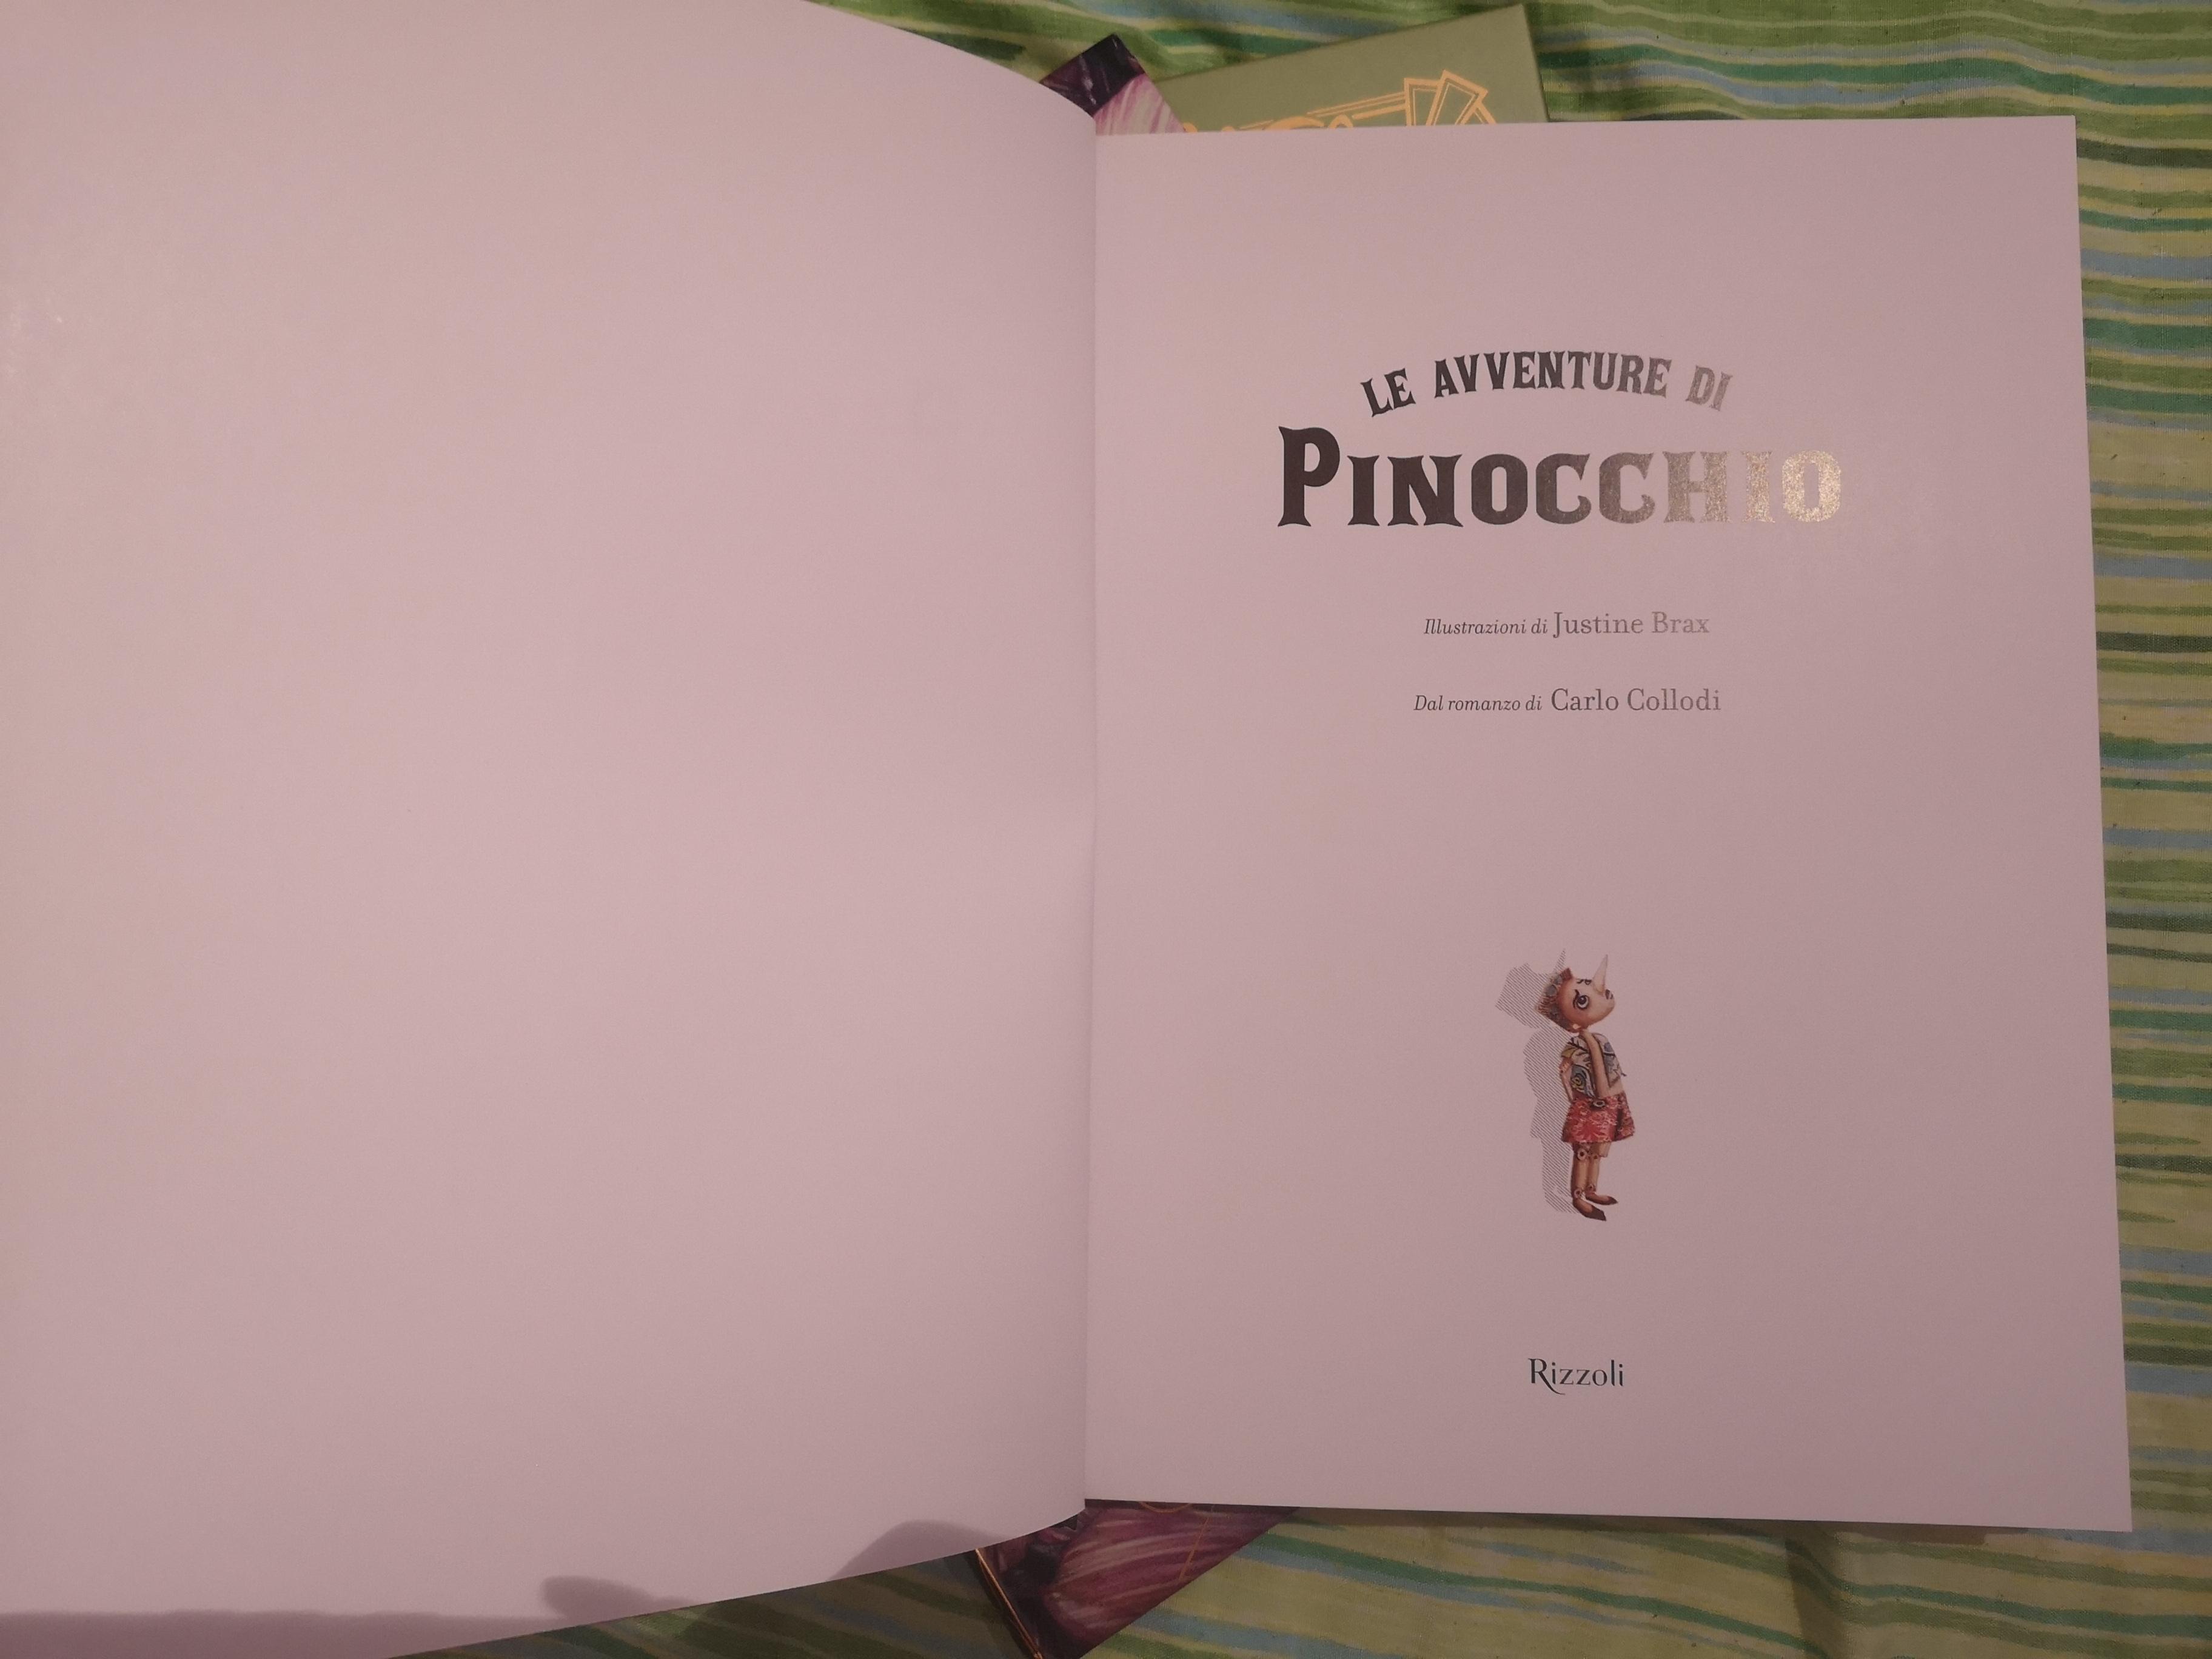 Pinocchio di Carlo Collodi e Justine Brax